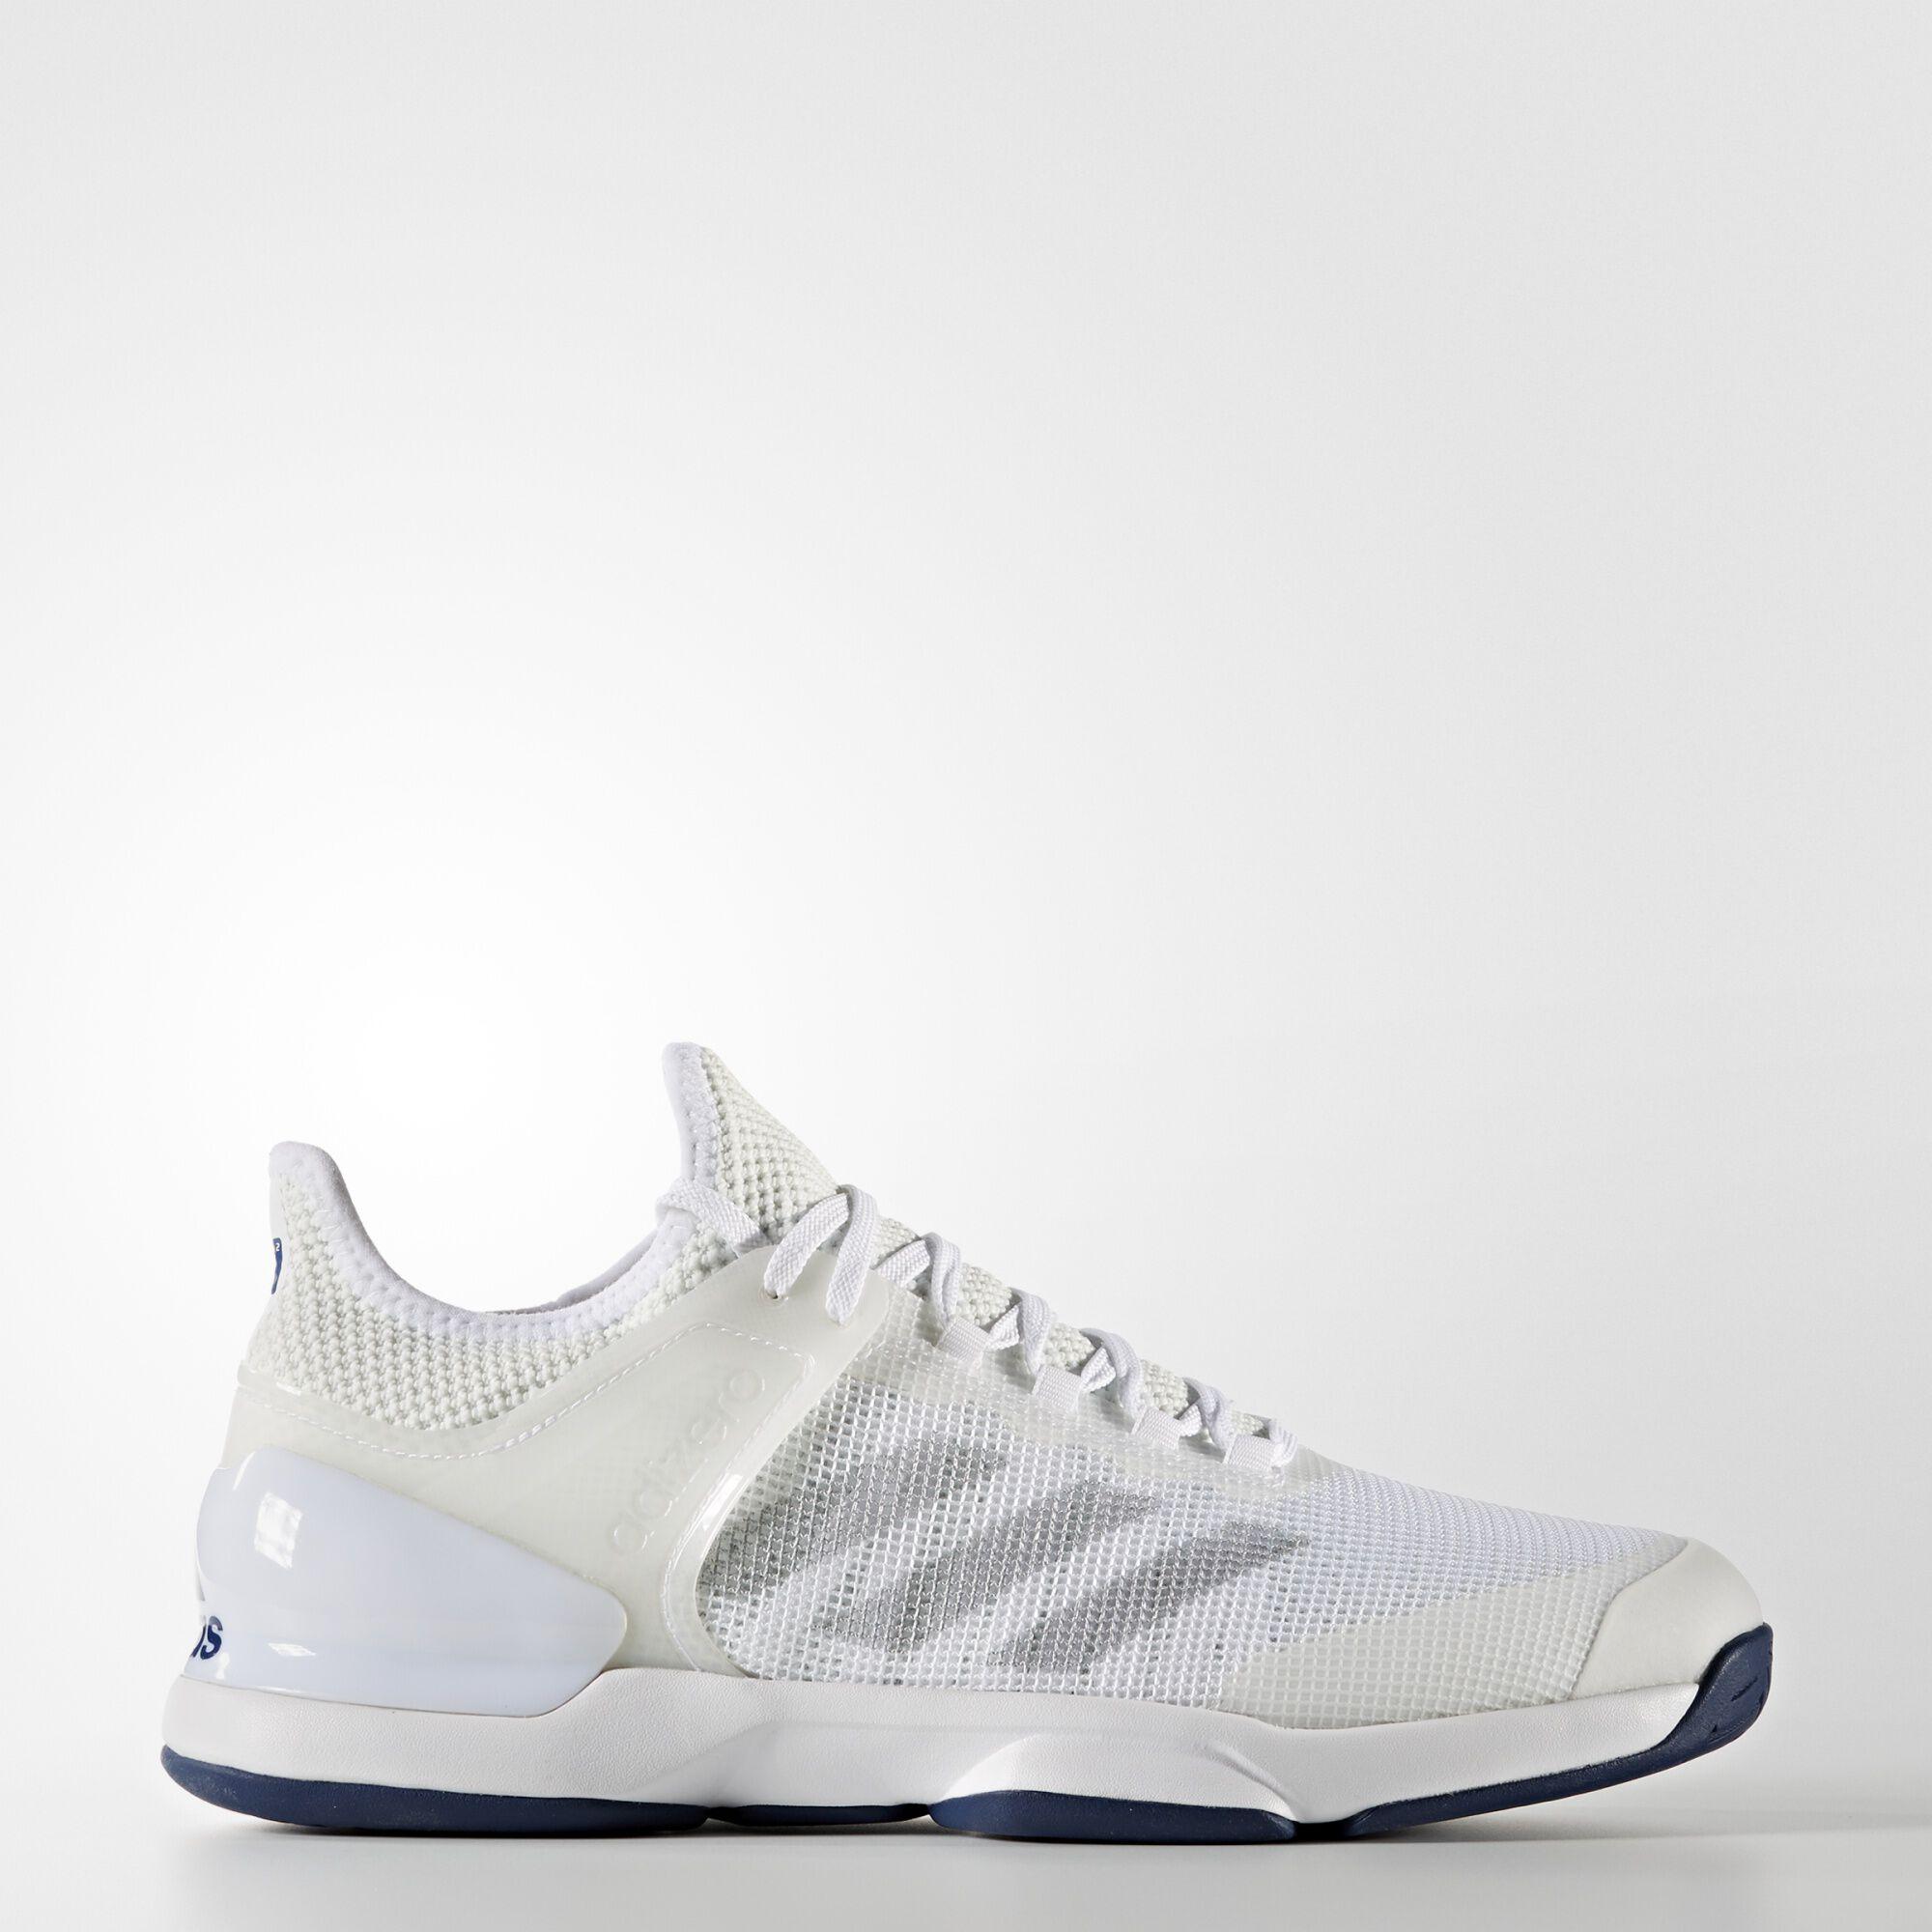 adidas adizero white